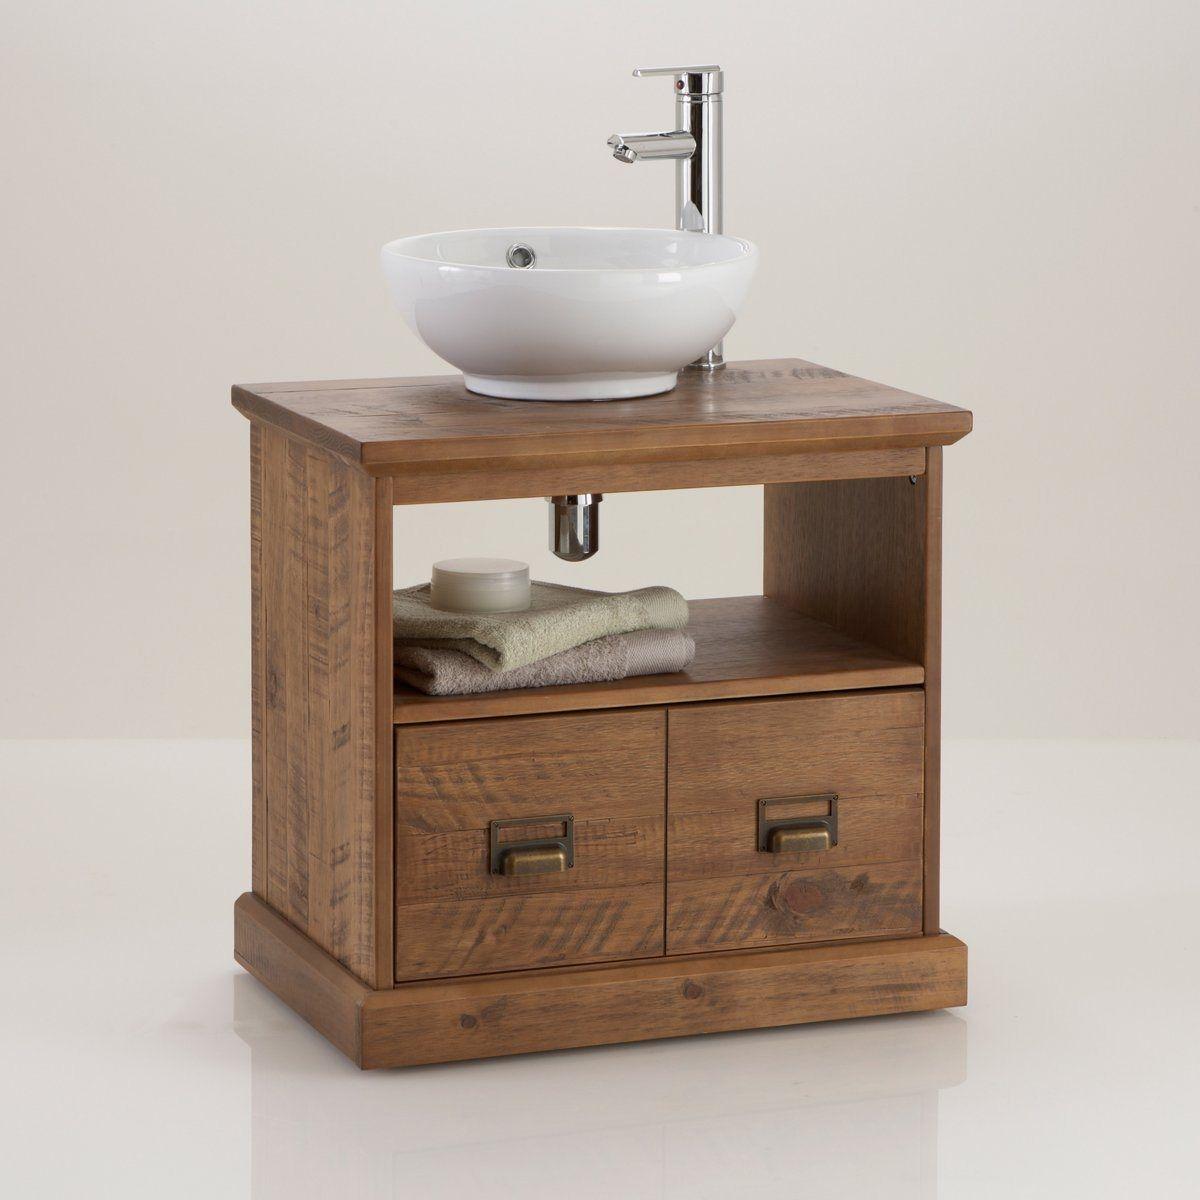 Prix des meuble sous lavabo 1 - Meuble de salle de bain sous lavabo ...